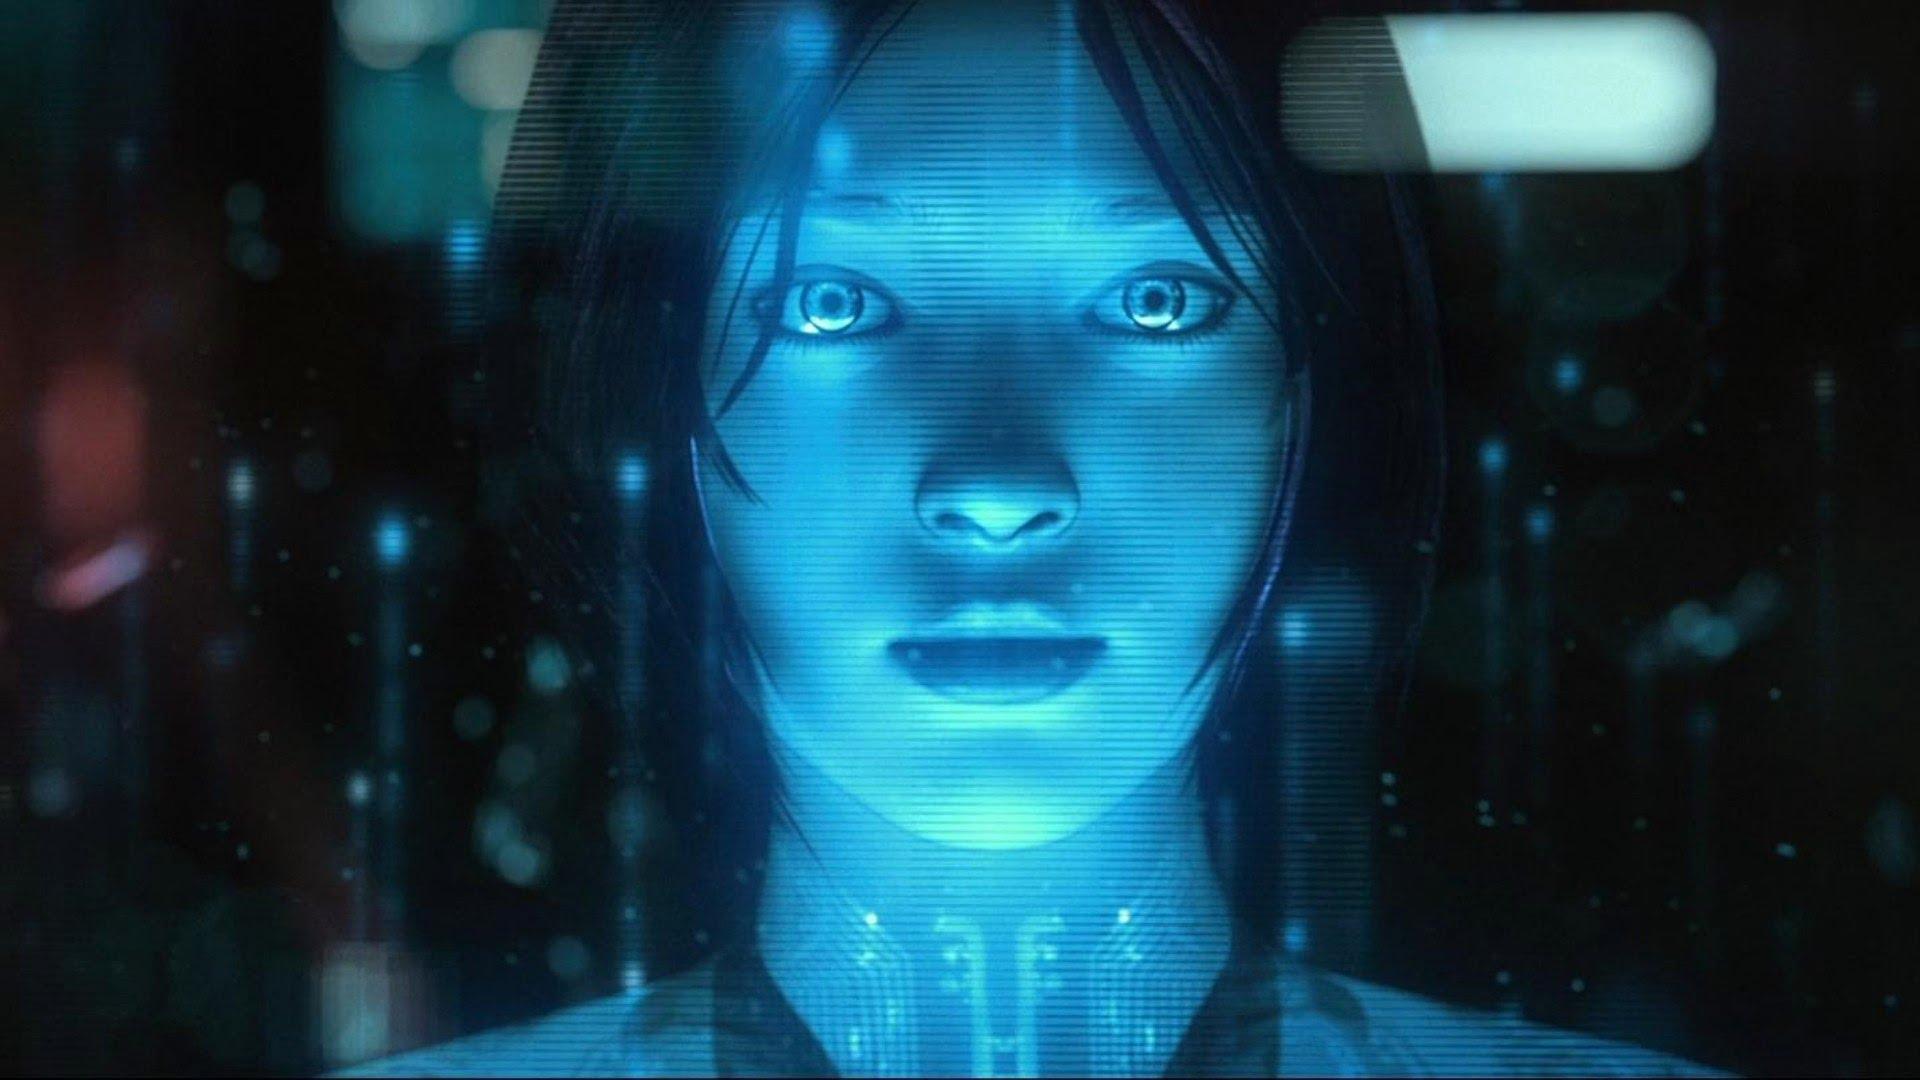 Скайнет не пройдет. Google DeepMind разрабатывает «большую красную кнопку» для отключения искусственного интеллекта - 4